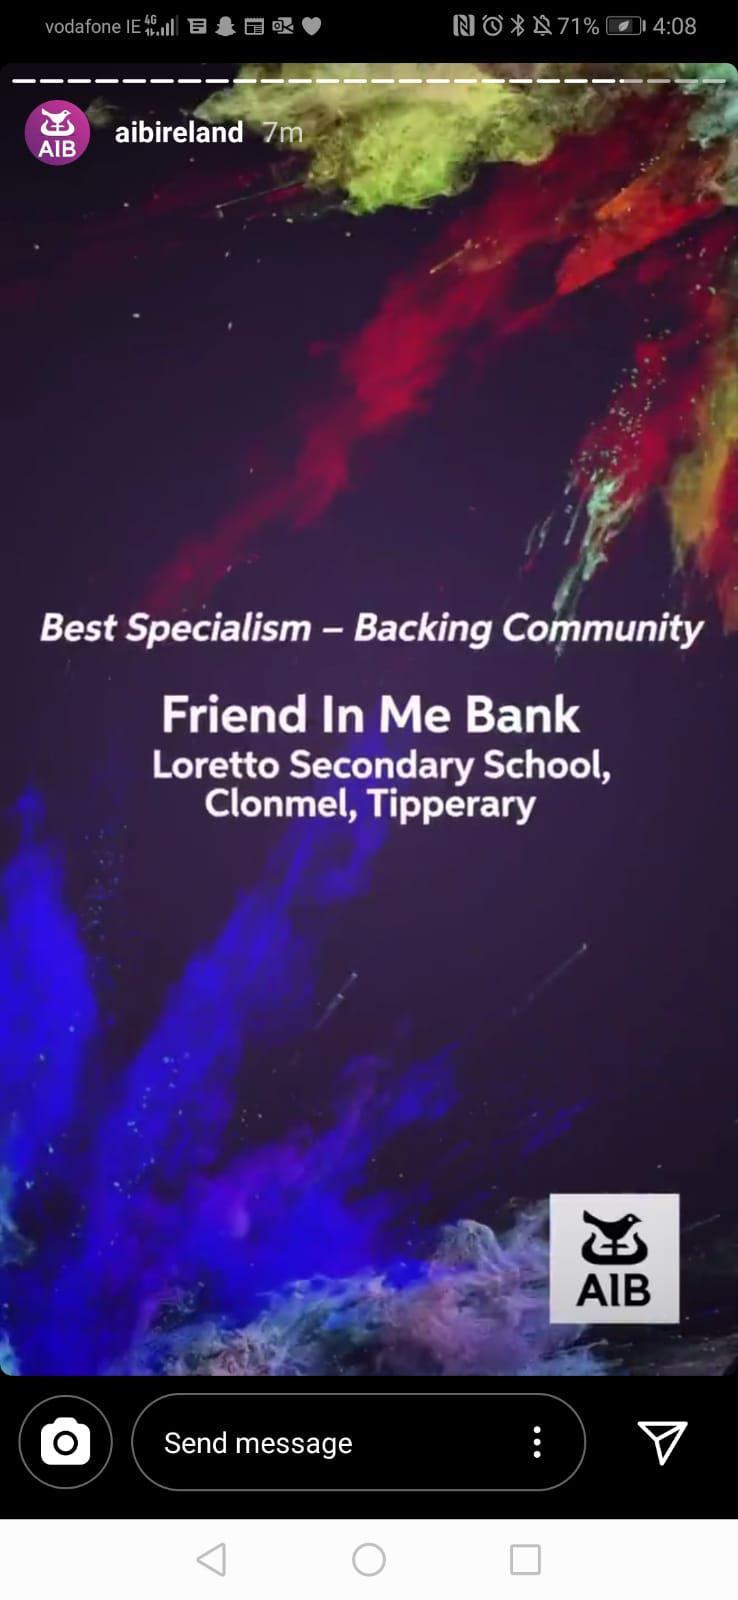 Friend In Me Bank!